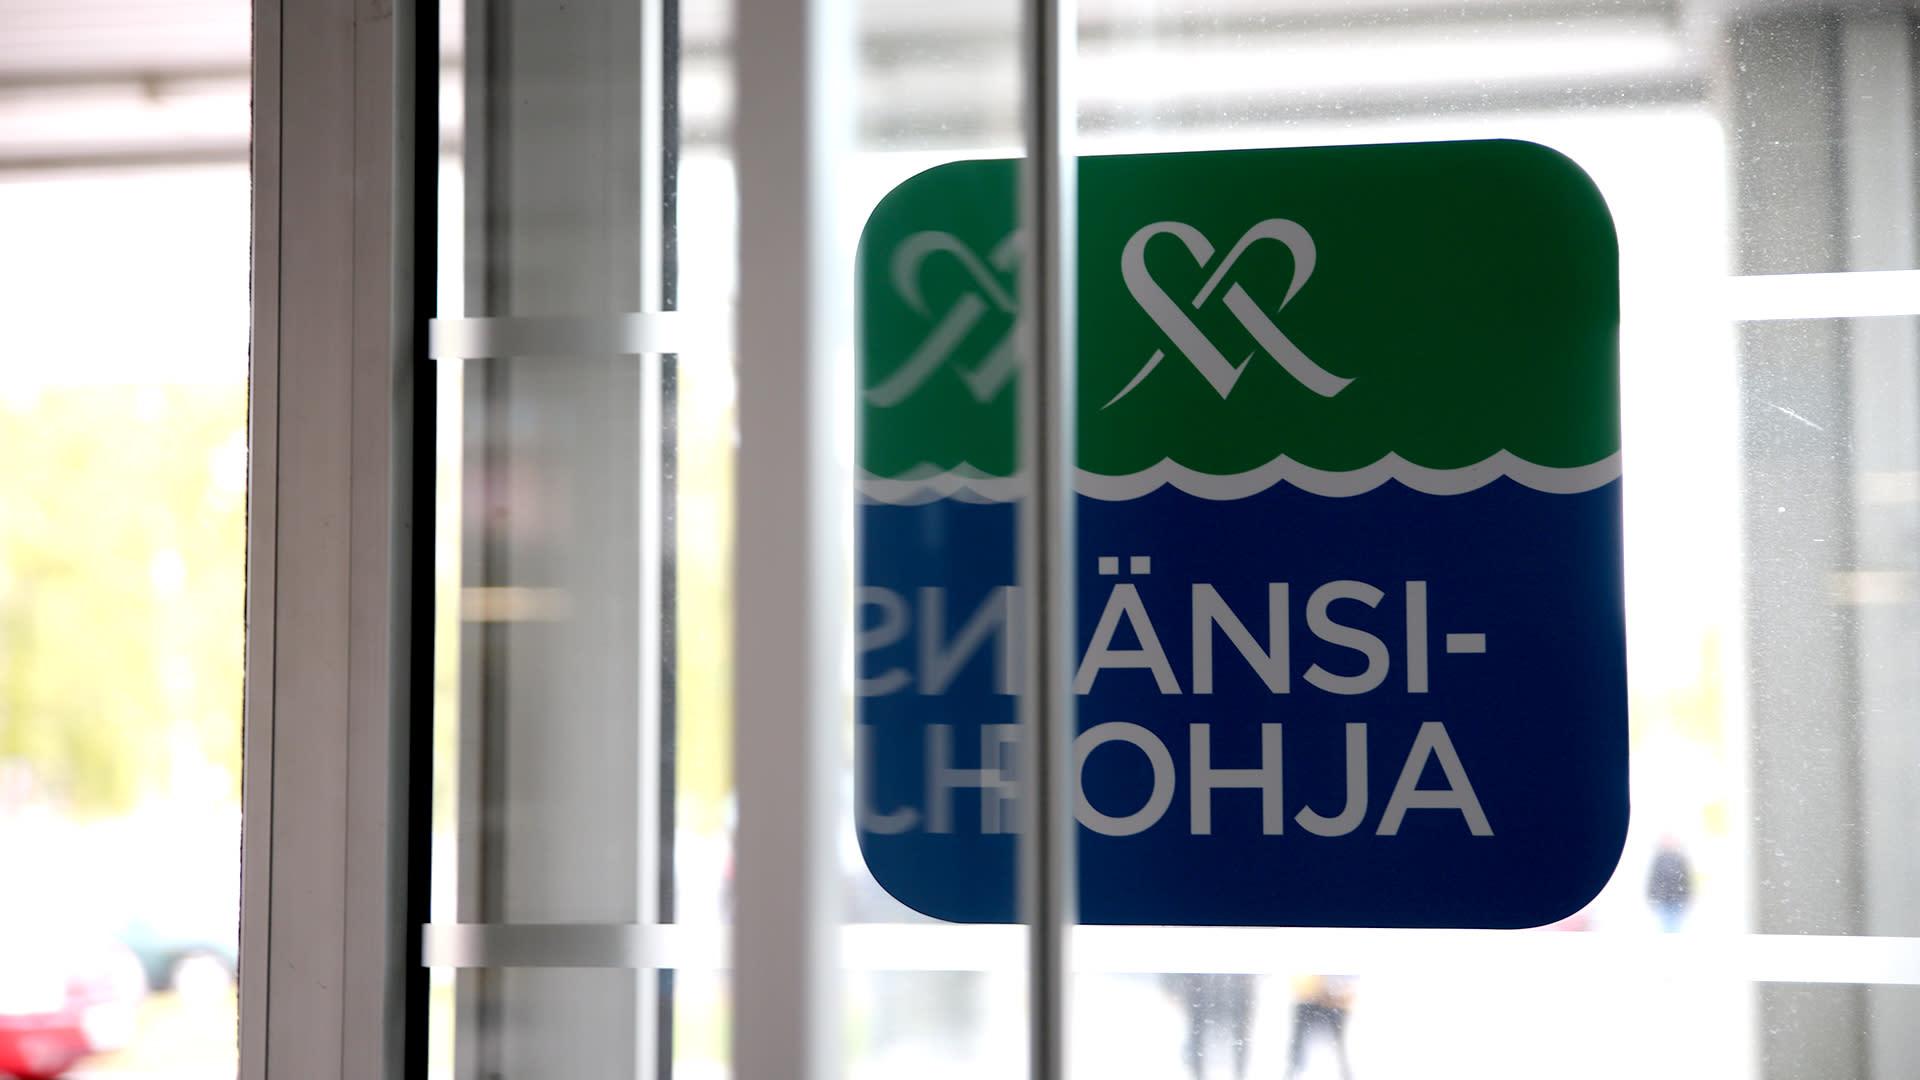 Länsi-Pohjan keskussairaalan ovi, kyltissä teksti Mehiläinen Länsi-Pohja